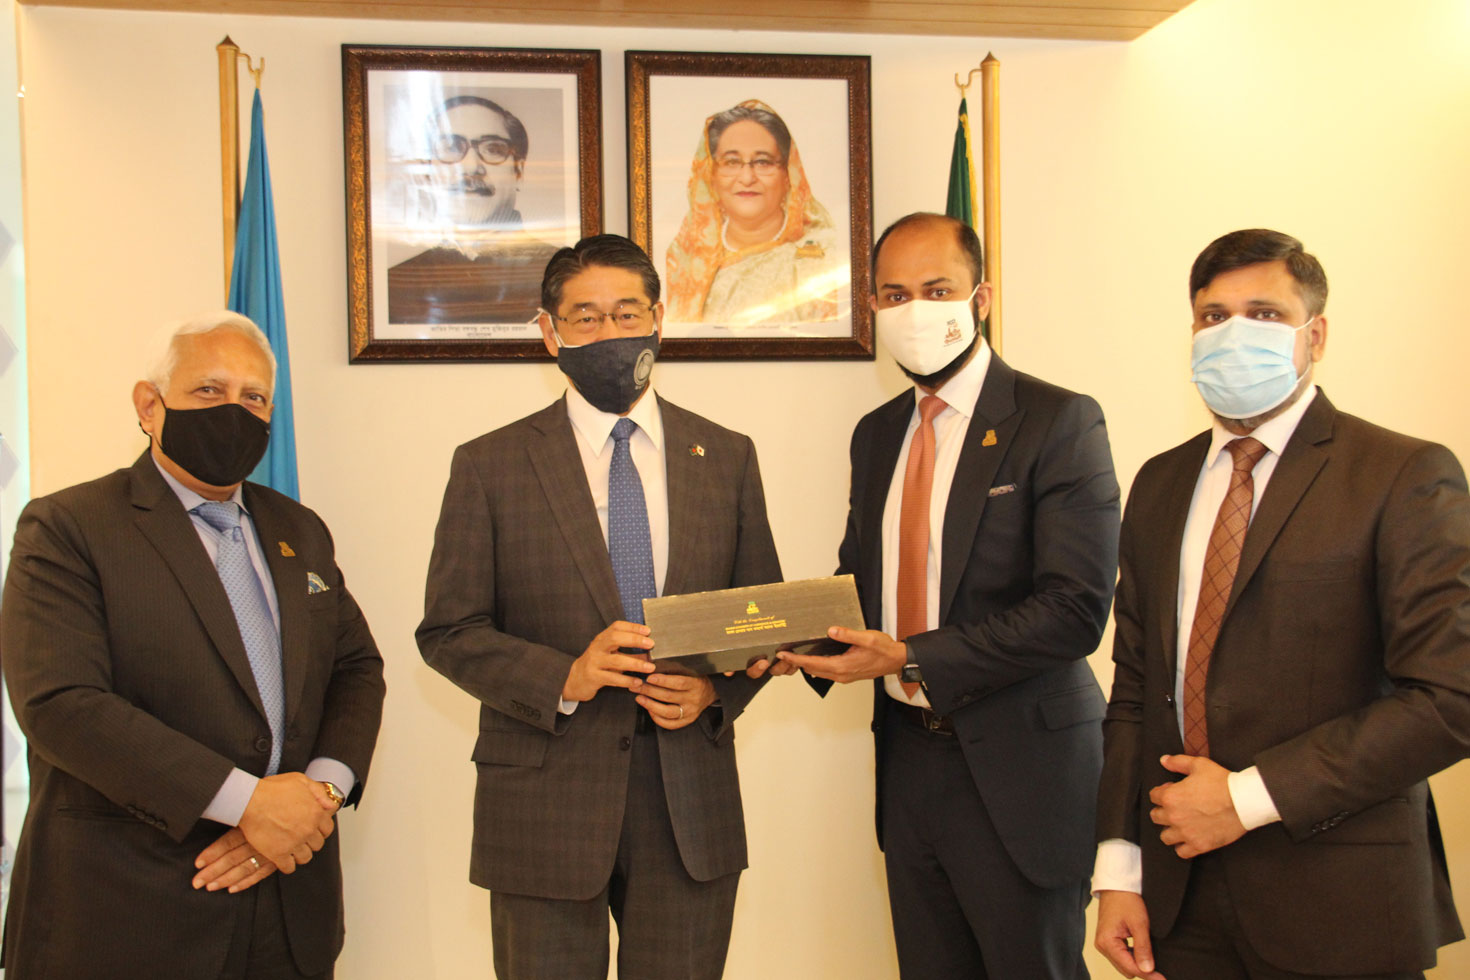 অটোমোবাইলে জাপানি বিনিয়োগ চেয়েছে 'ঢাকা চেম্বার'